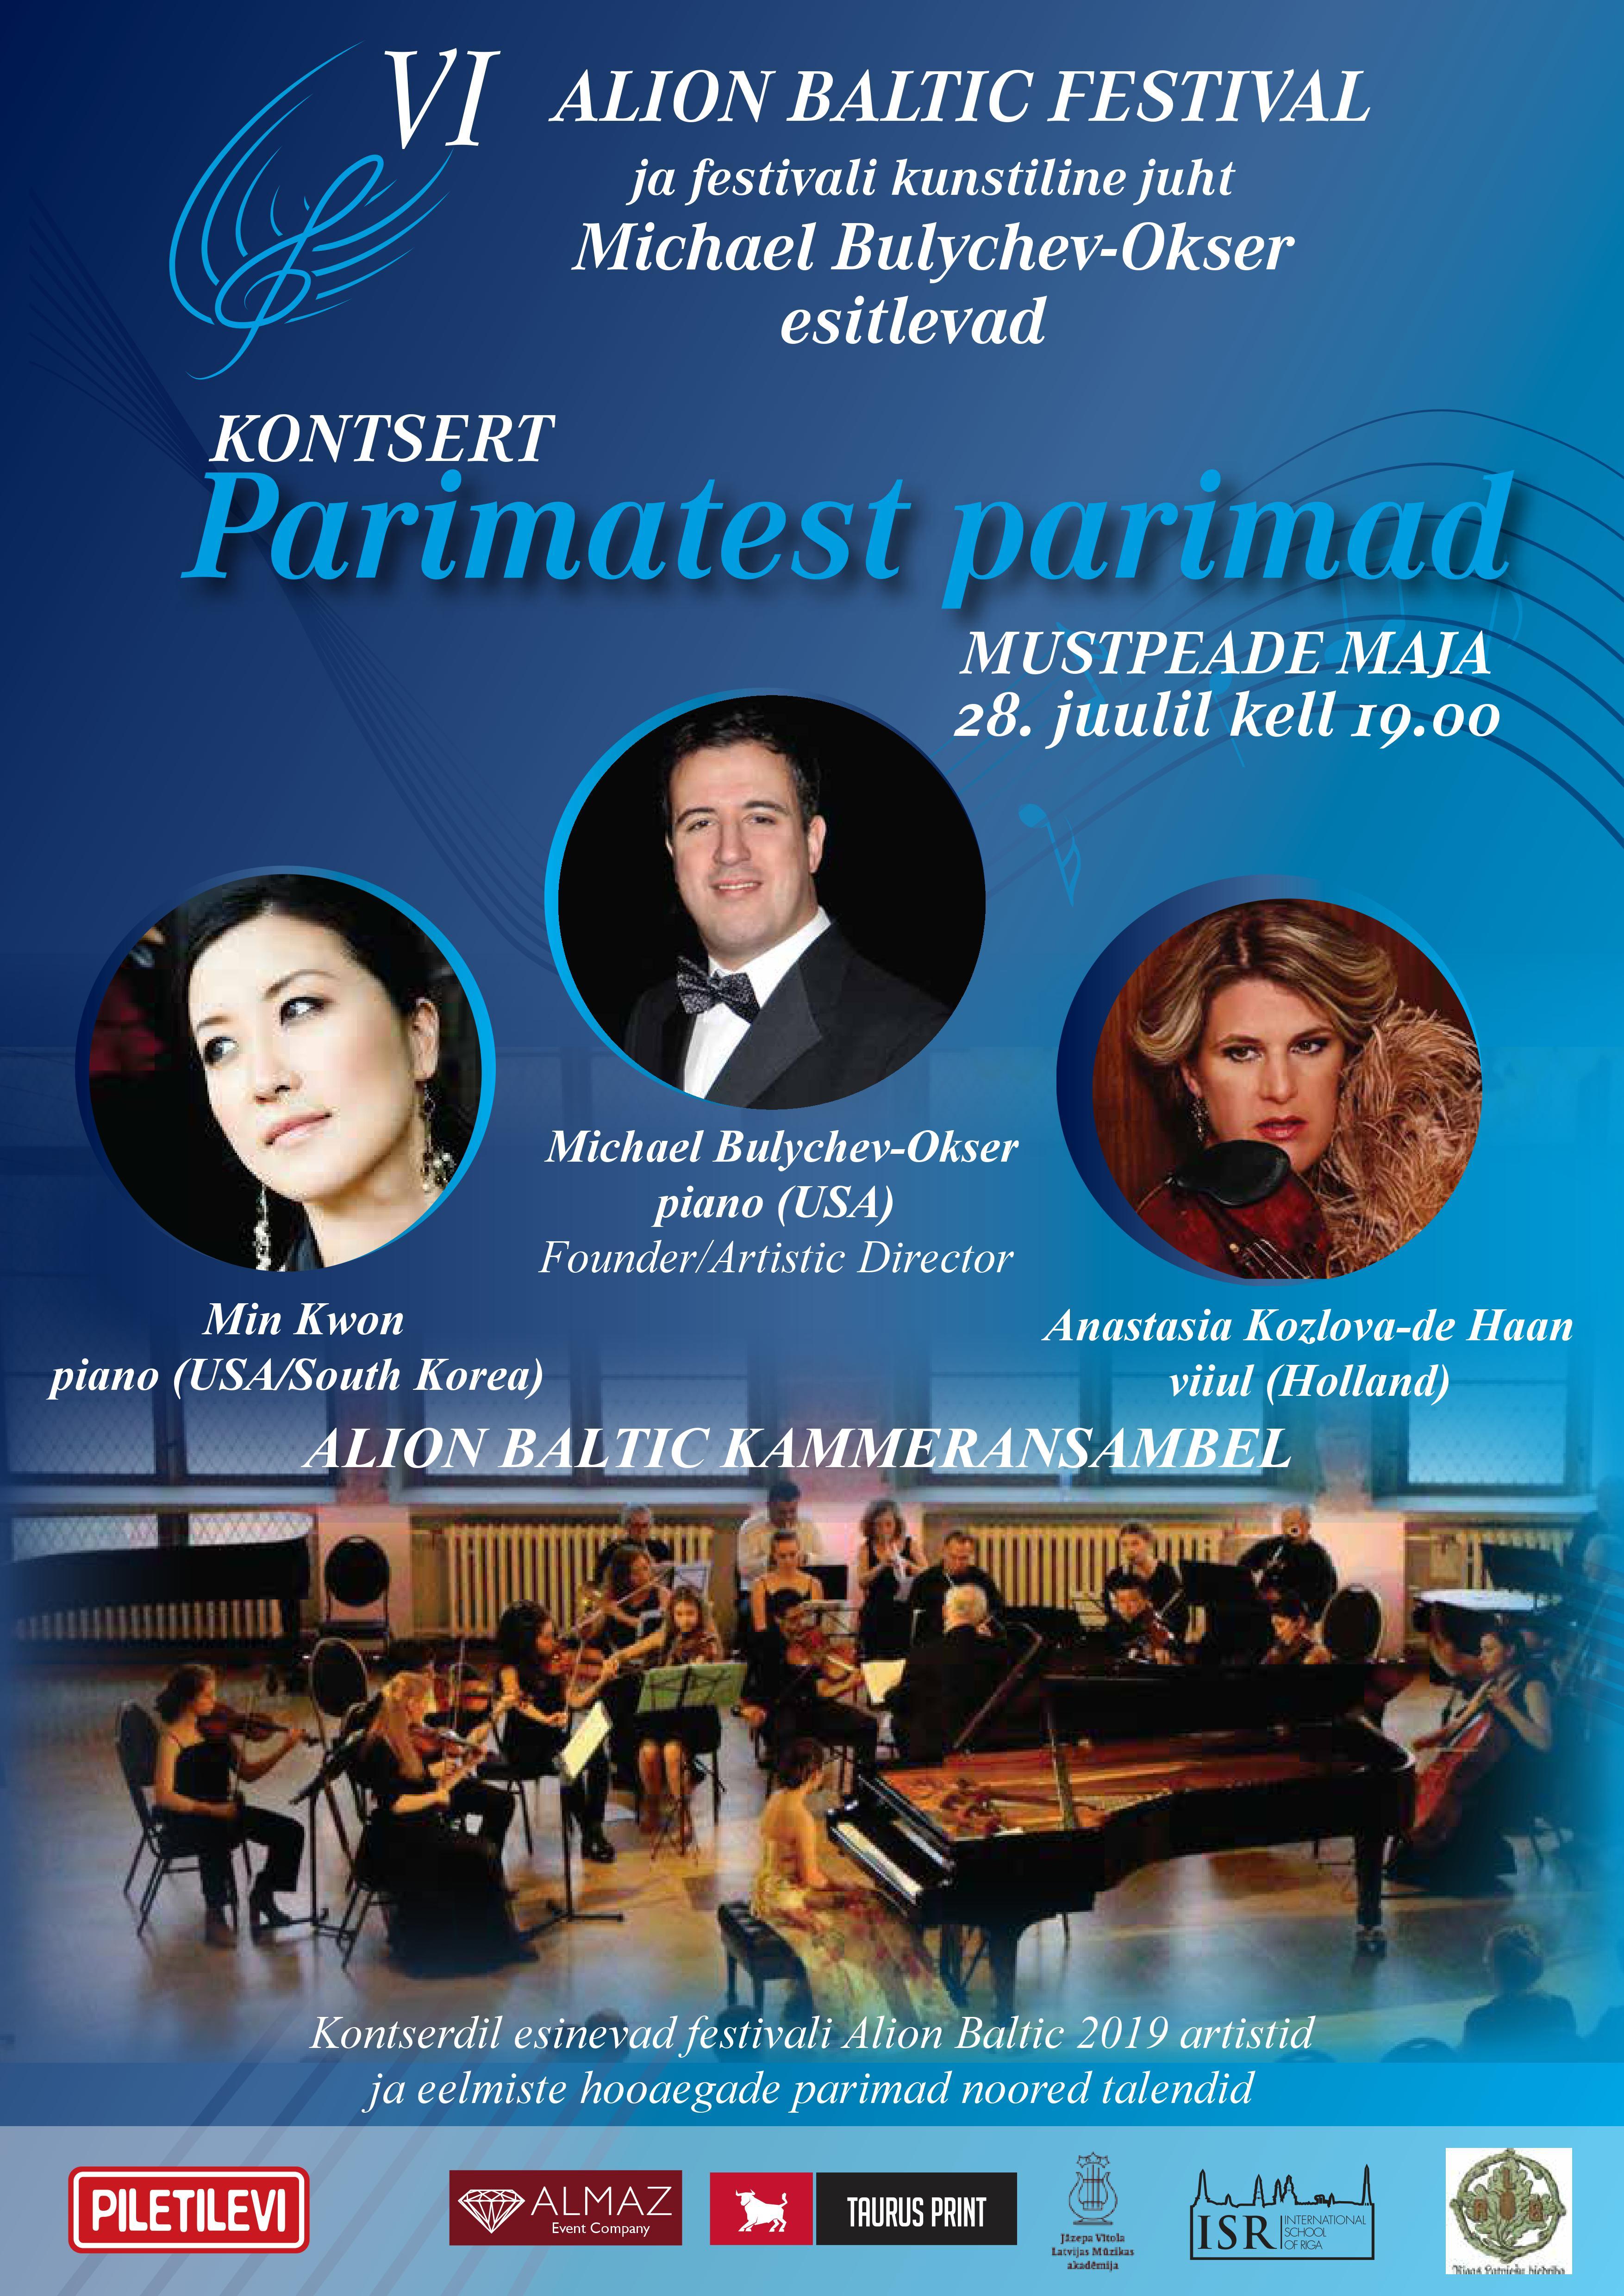 Alion Baltic Festivali Ooperigala Kontsert 2019